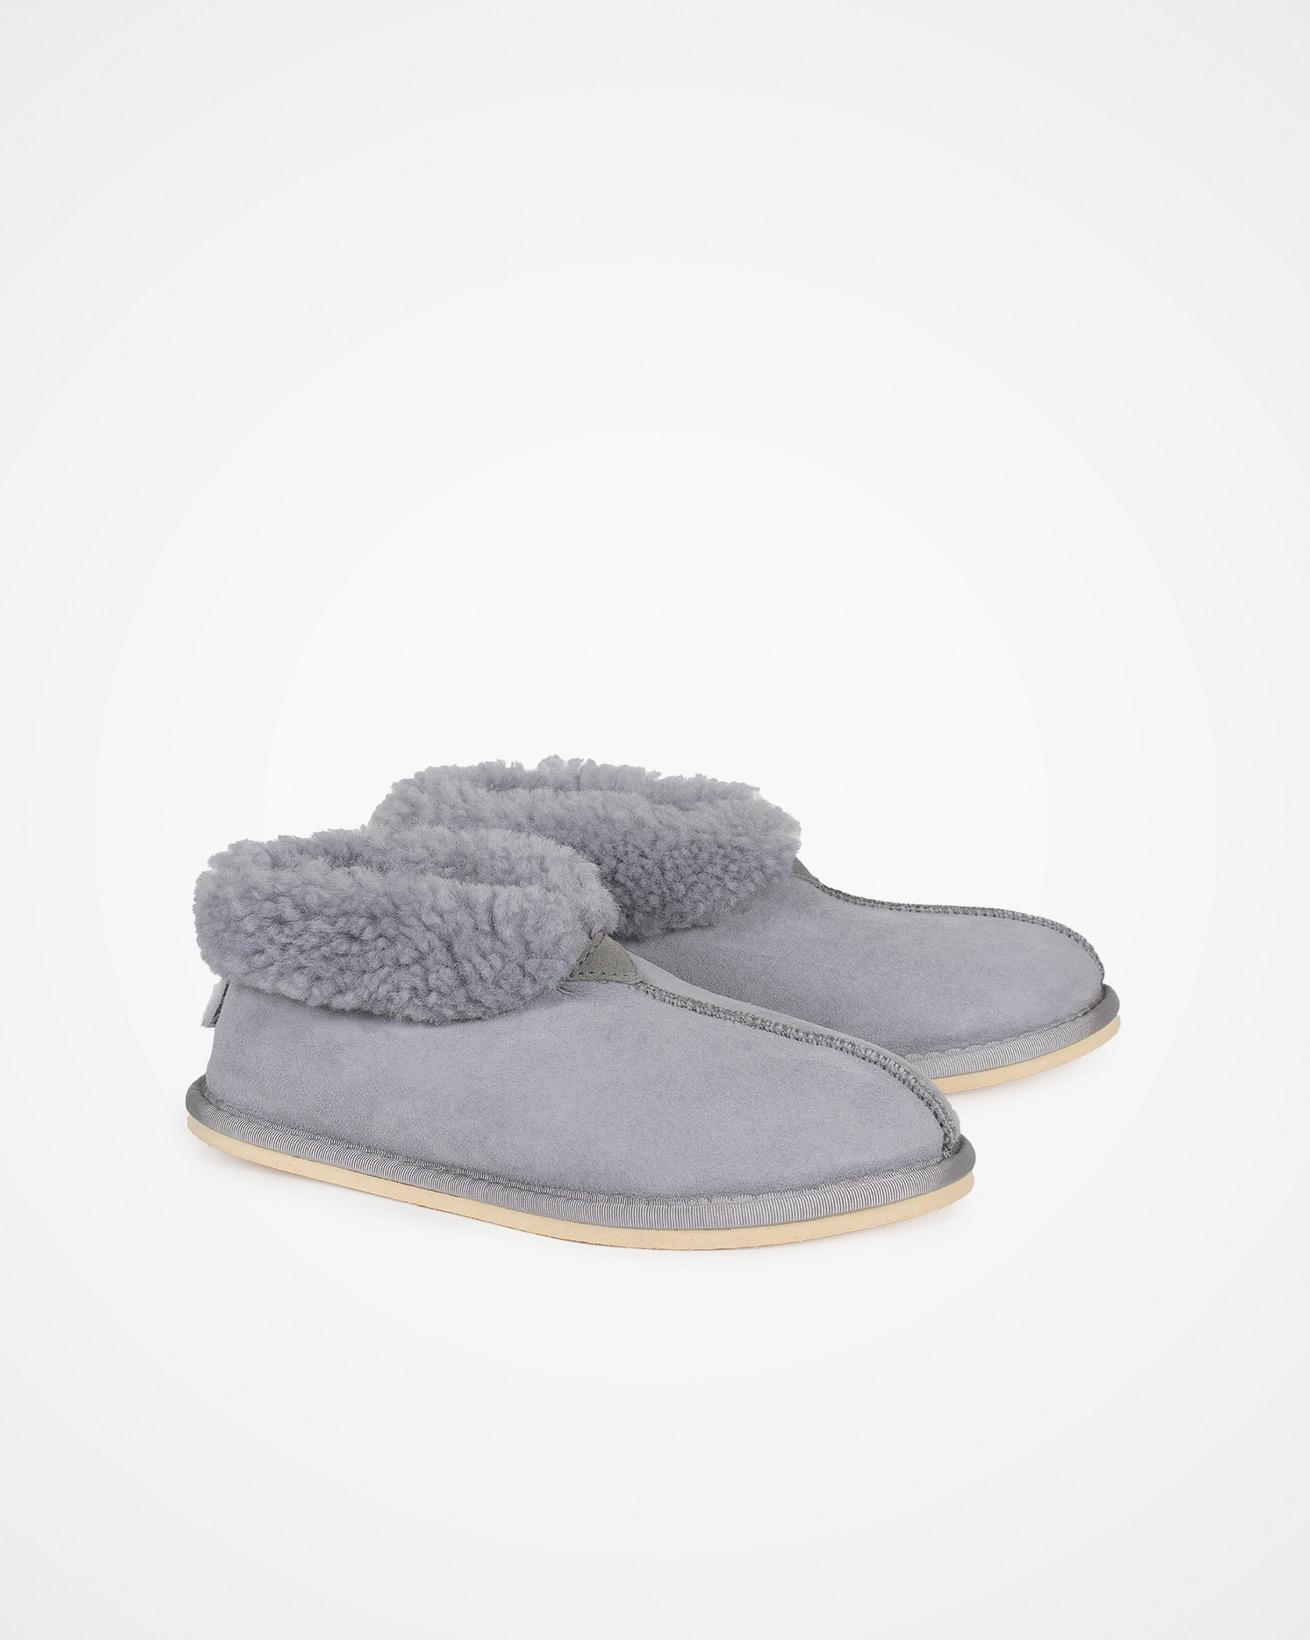 Ladies Sheepskin Bootee Slipper - Dapple Grey - Size 6 - 2490